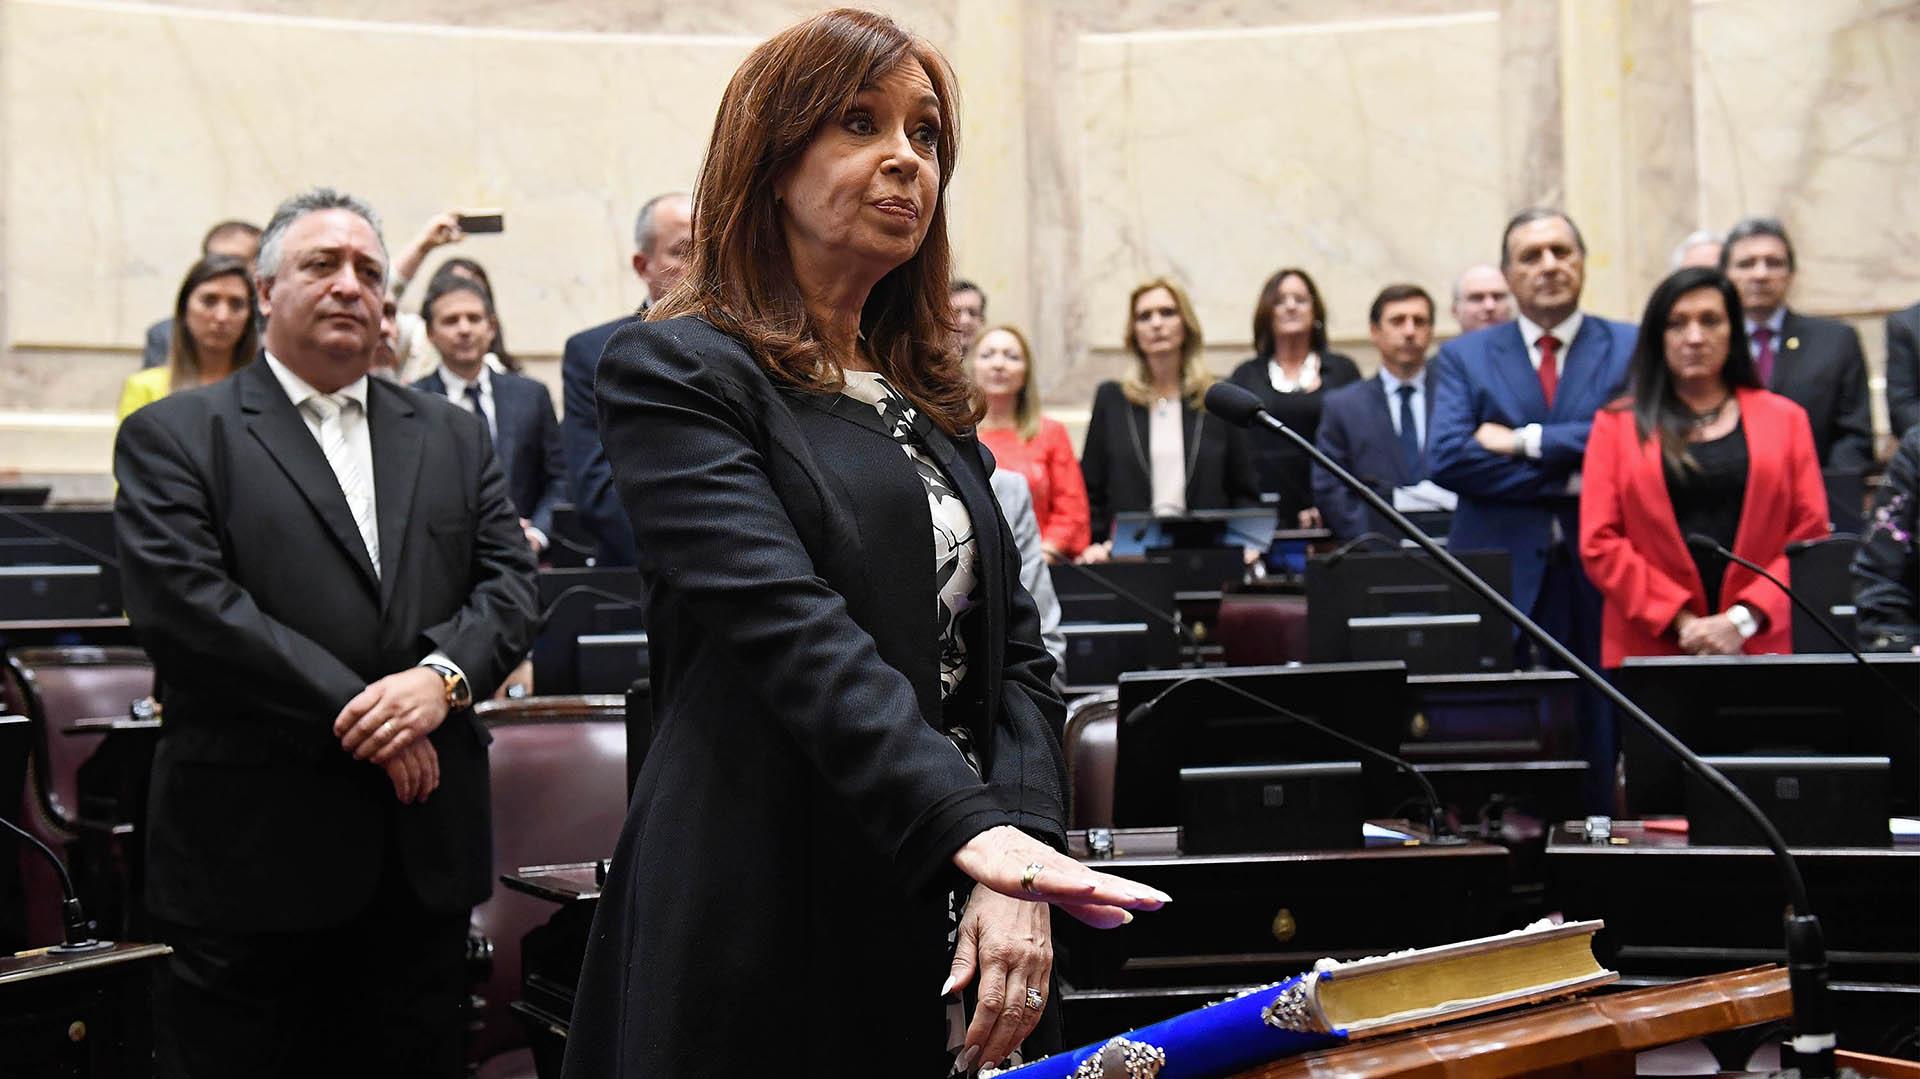 Cristina Kirchner jura en el recinto del Senado el 29 de Noviembre de 2017 (Foto Senado)